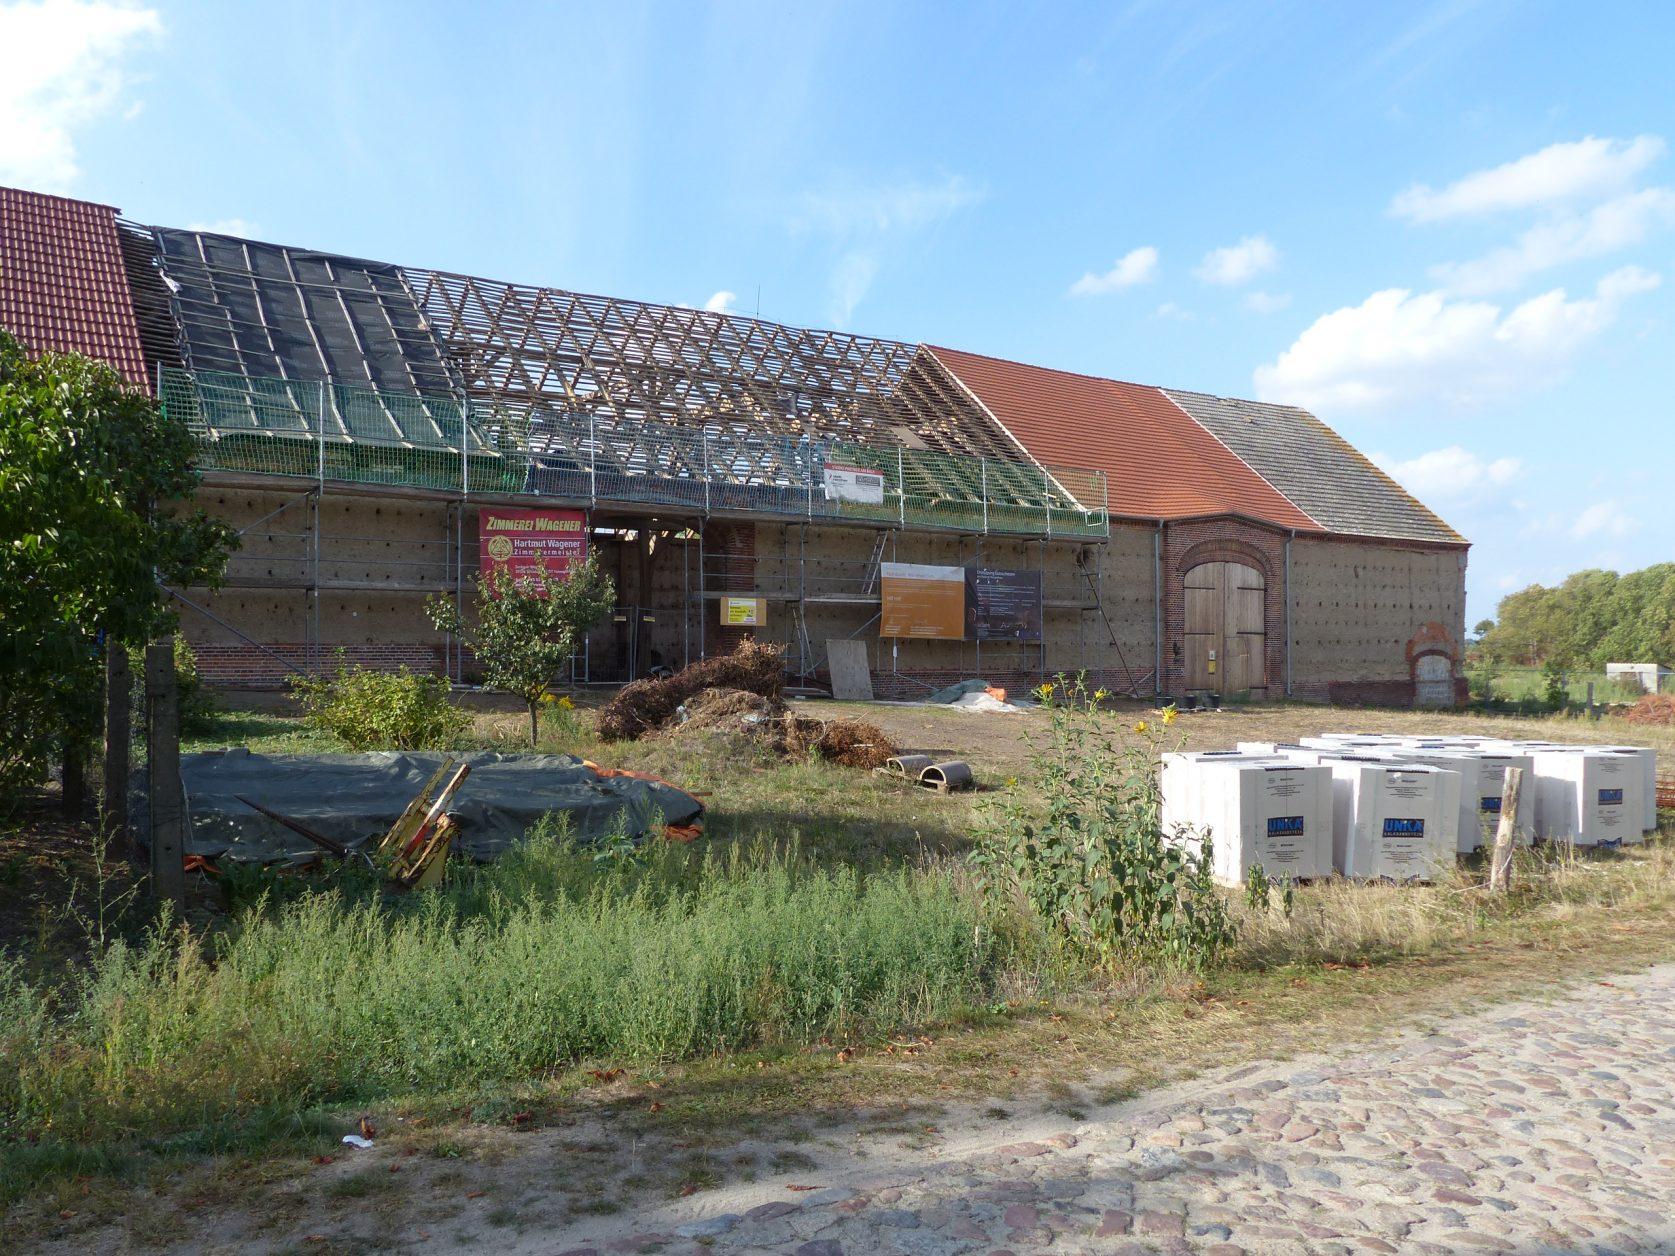 Blick auf einen Teil der Gutscheune von Ribbeck, das künftige Festspielhaus, Foto: Weirauch